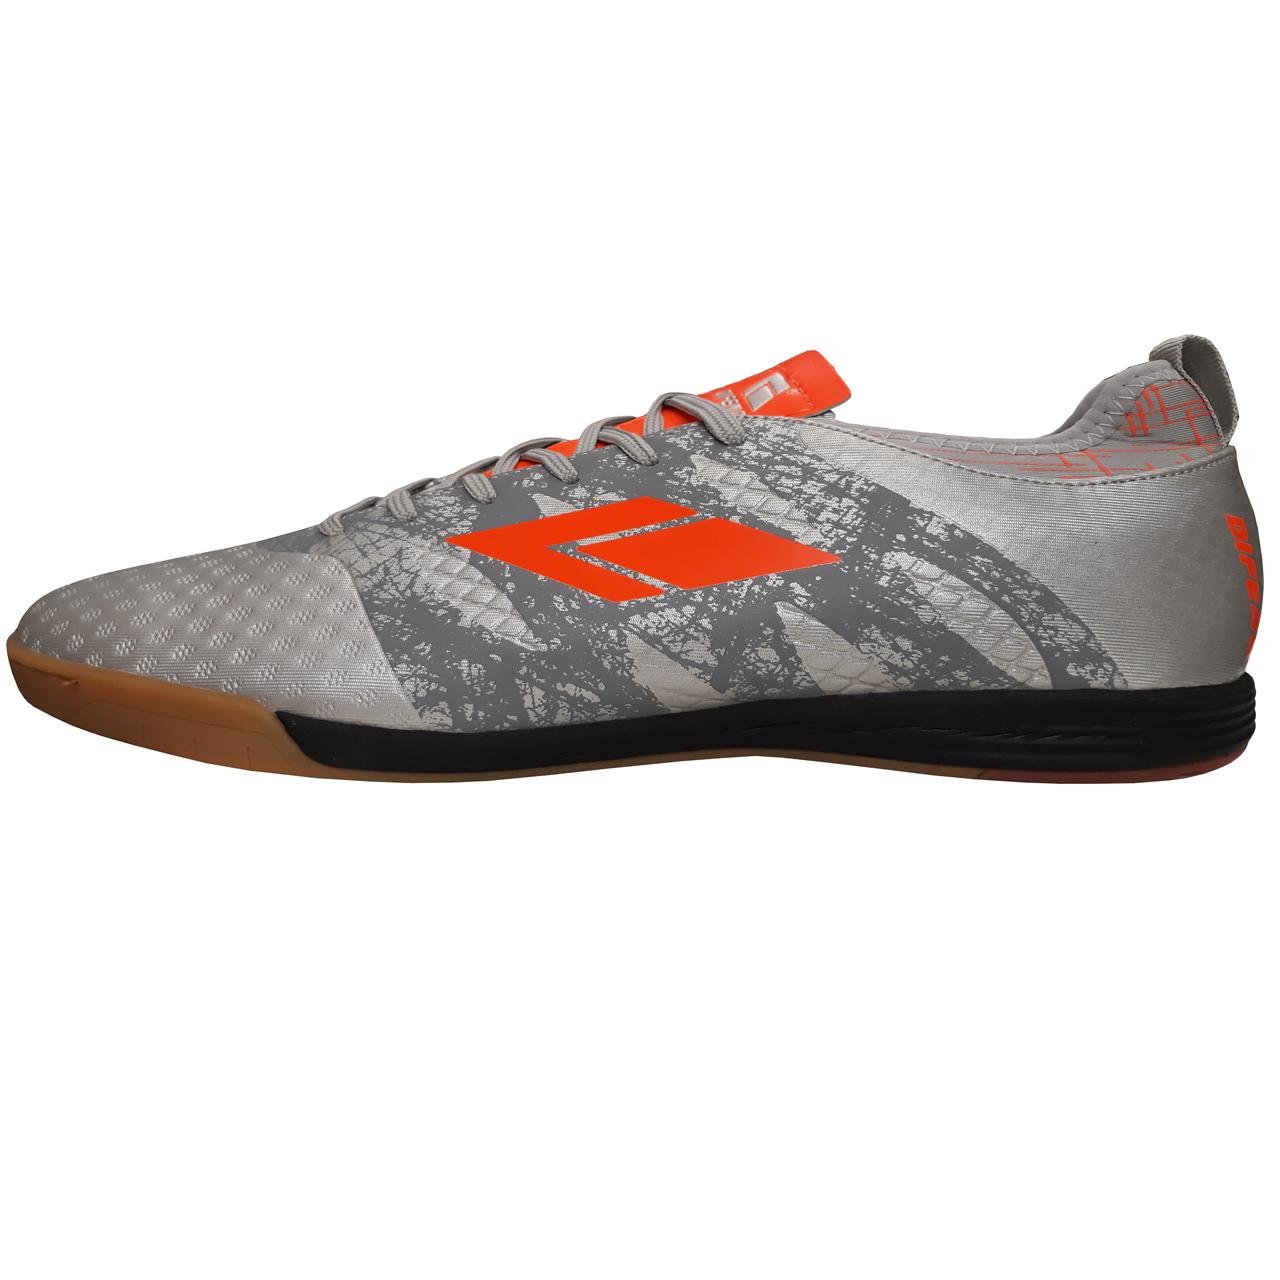 قیمت کفش فوتسال مردانه دیفانو مدل Def2